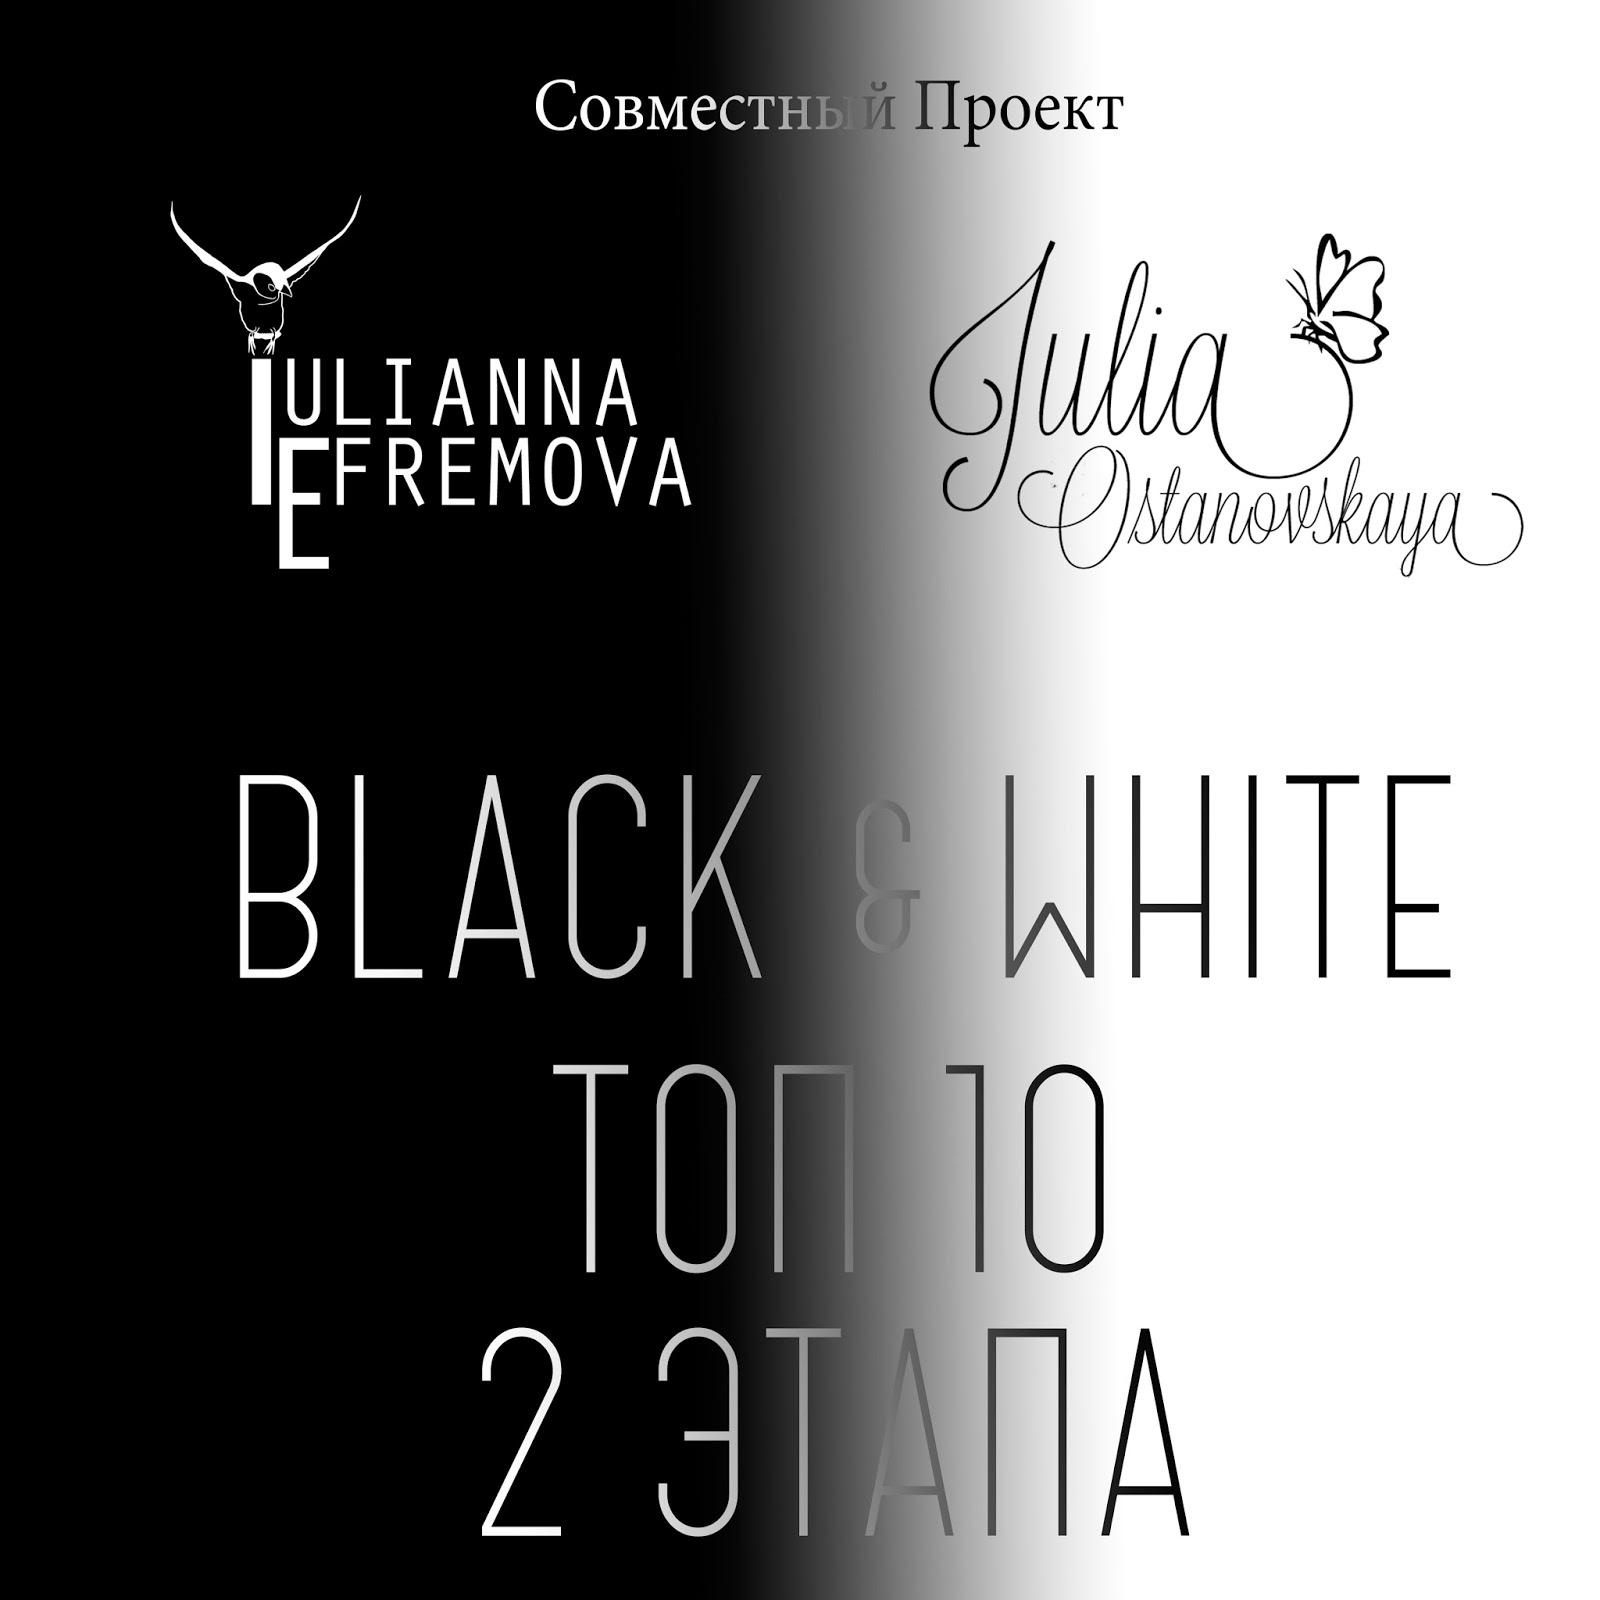 ТОП 2 этапа СП Black & White!